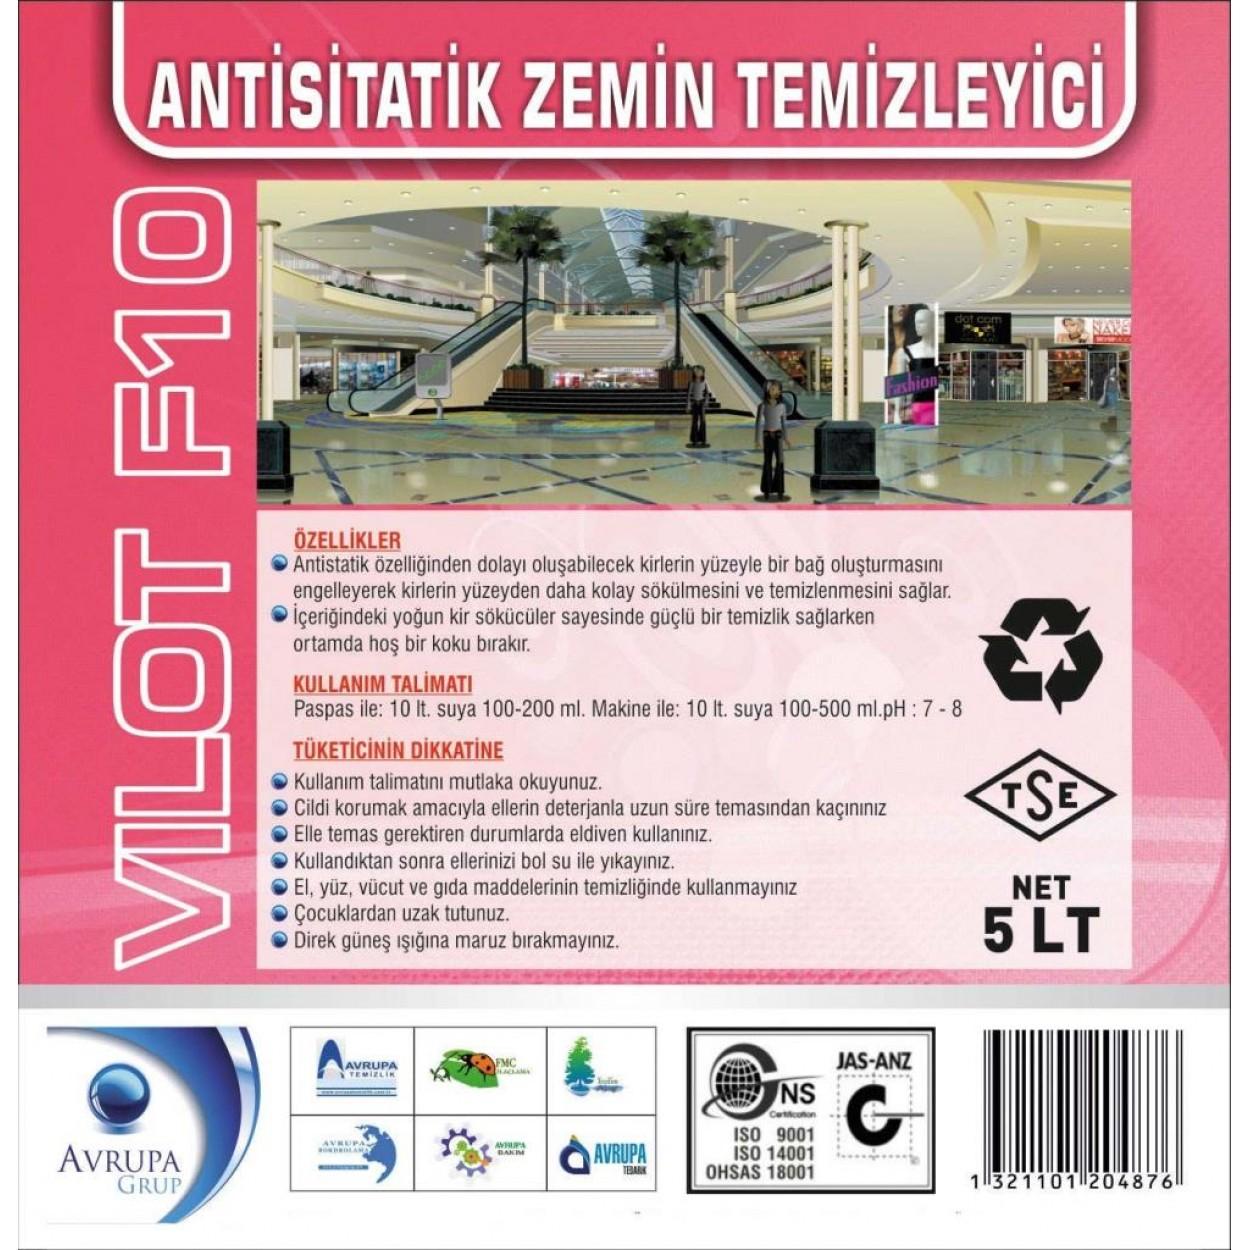 VILOT F10 Anti Statik Zemin Temizleme Ürünü 5 Litre